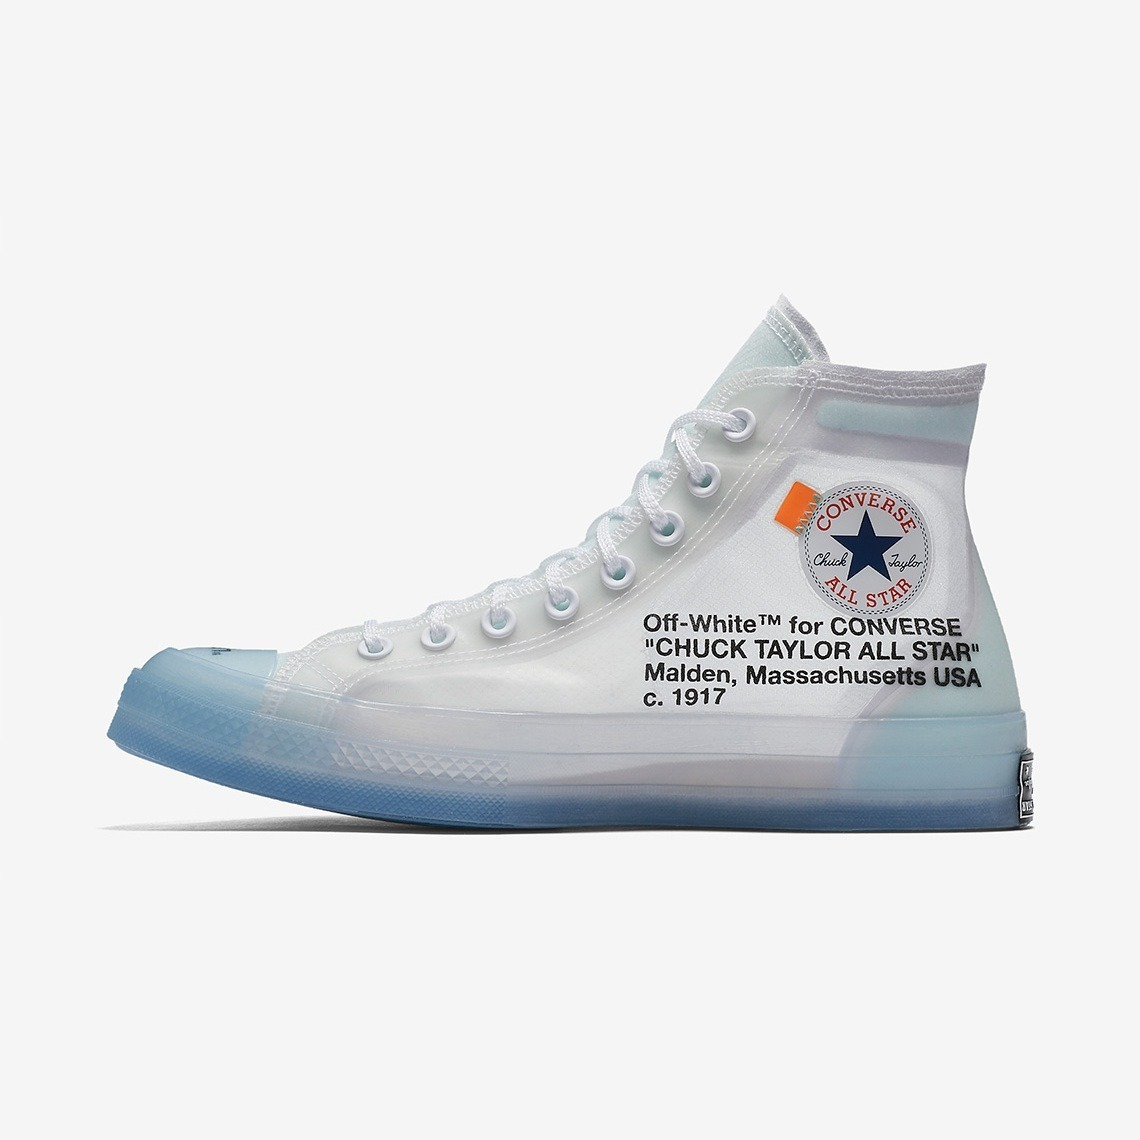 2converse x off white zapatillas